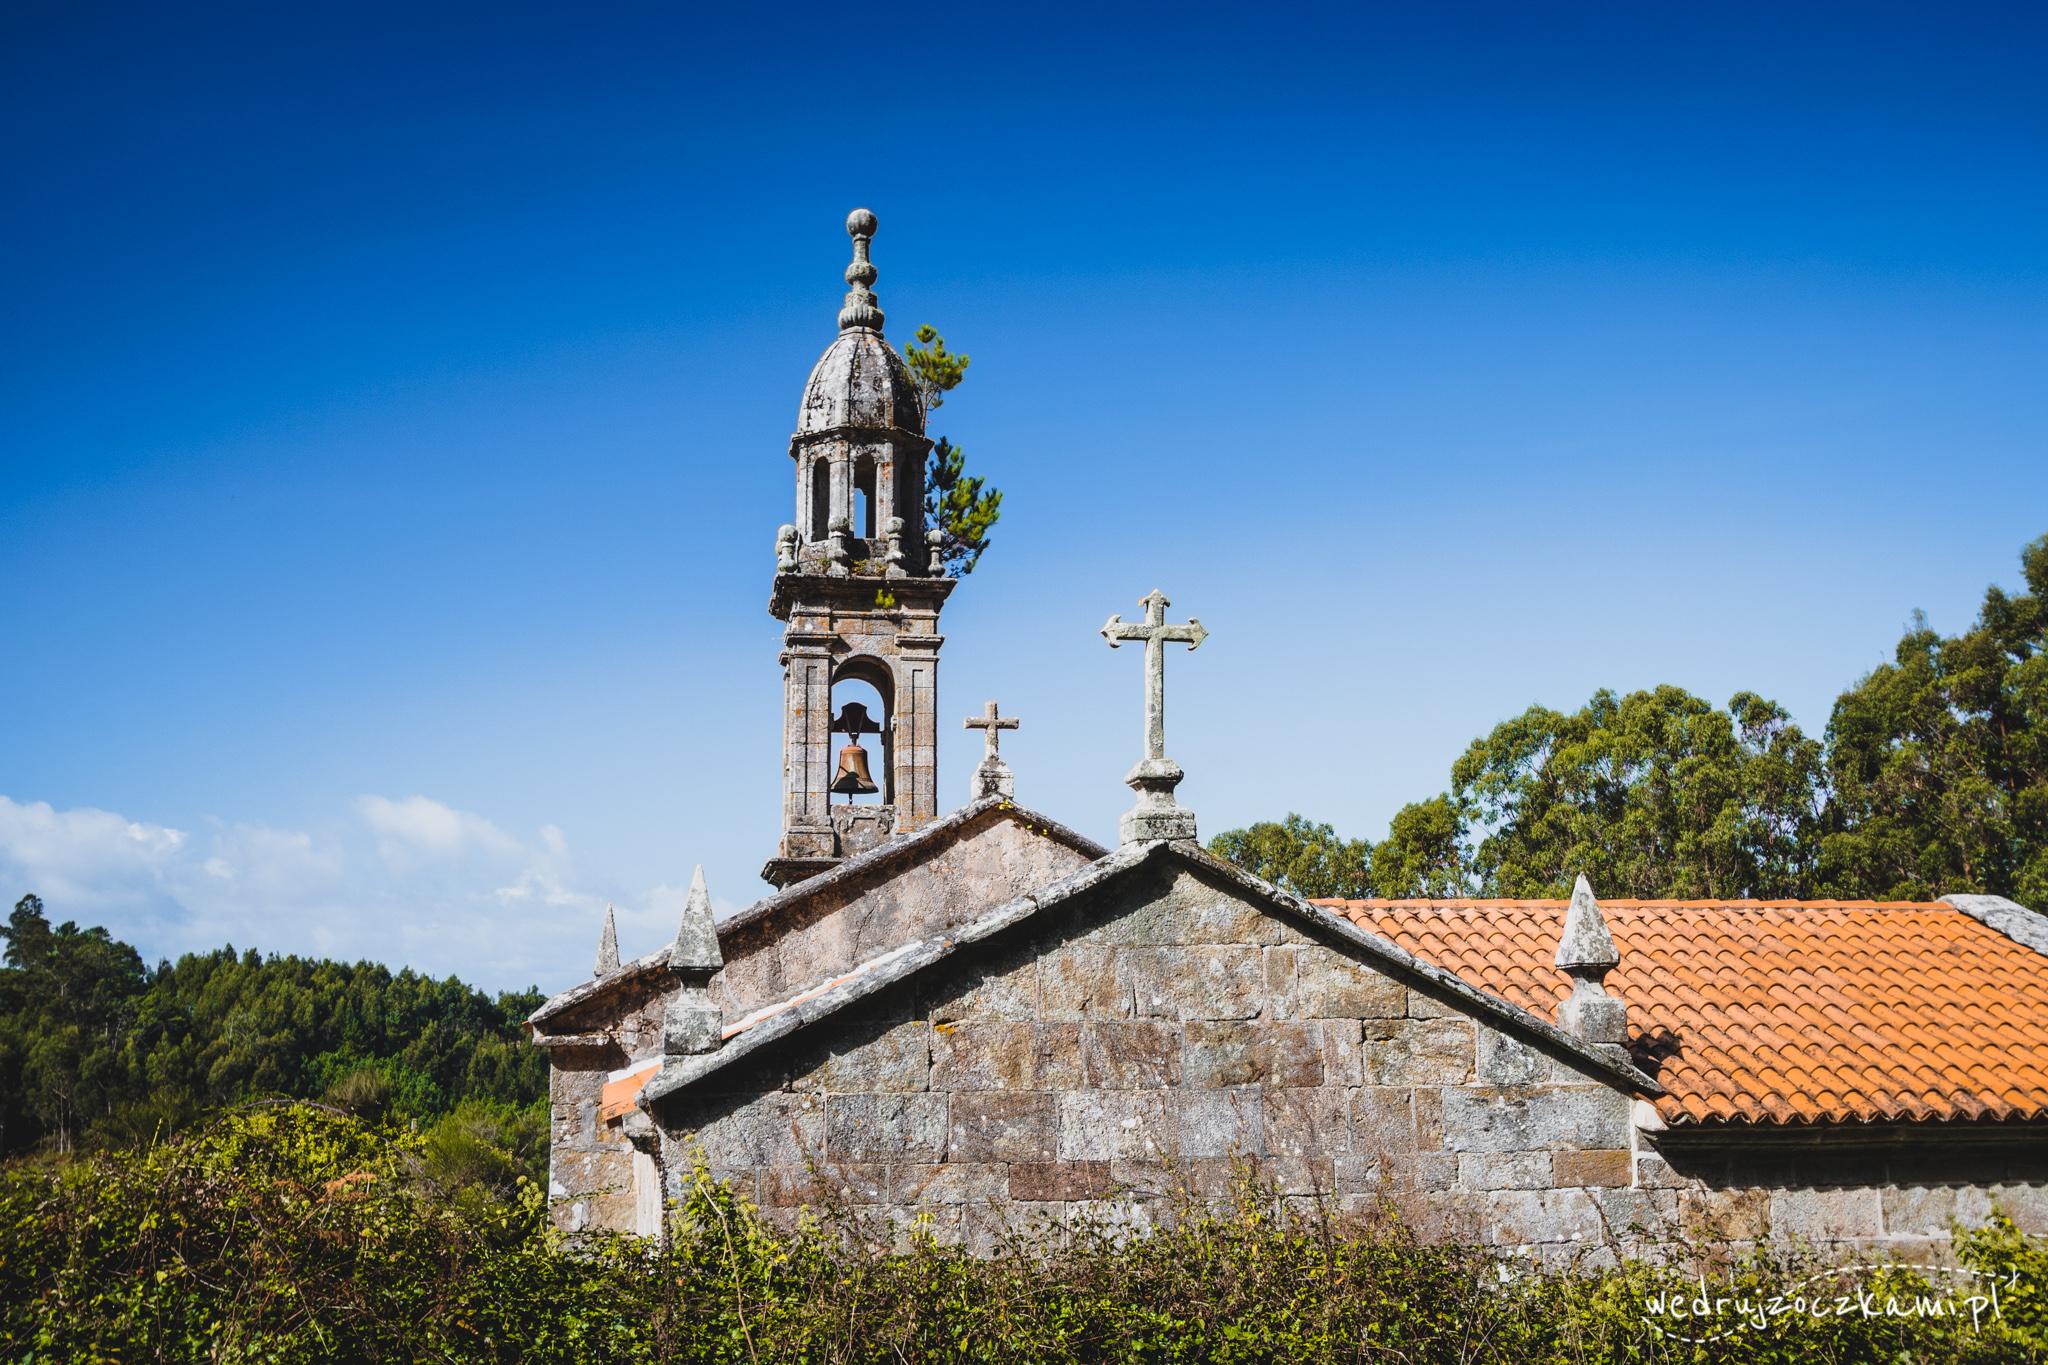 Igrexa de San Martiño de Touriñán